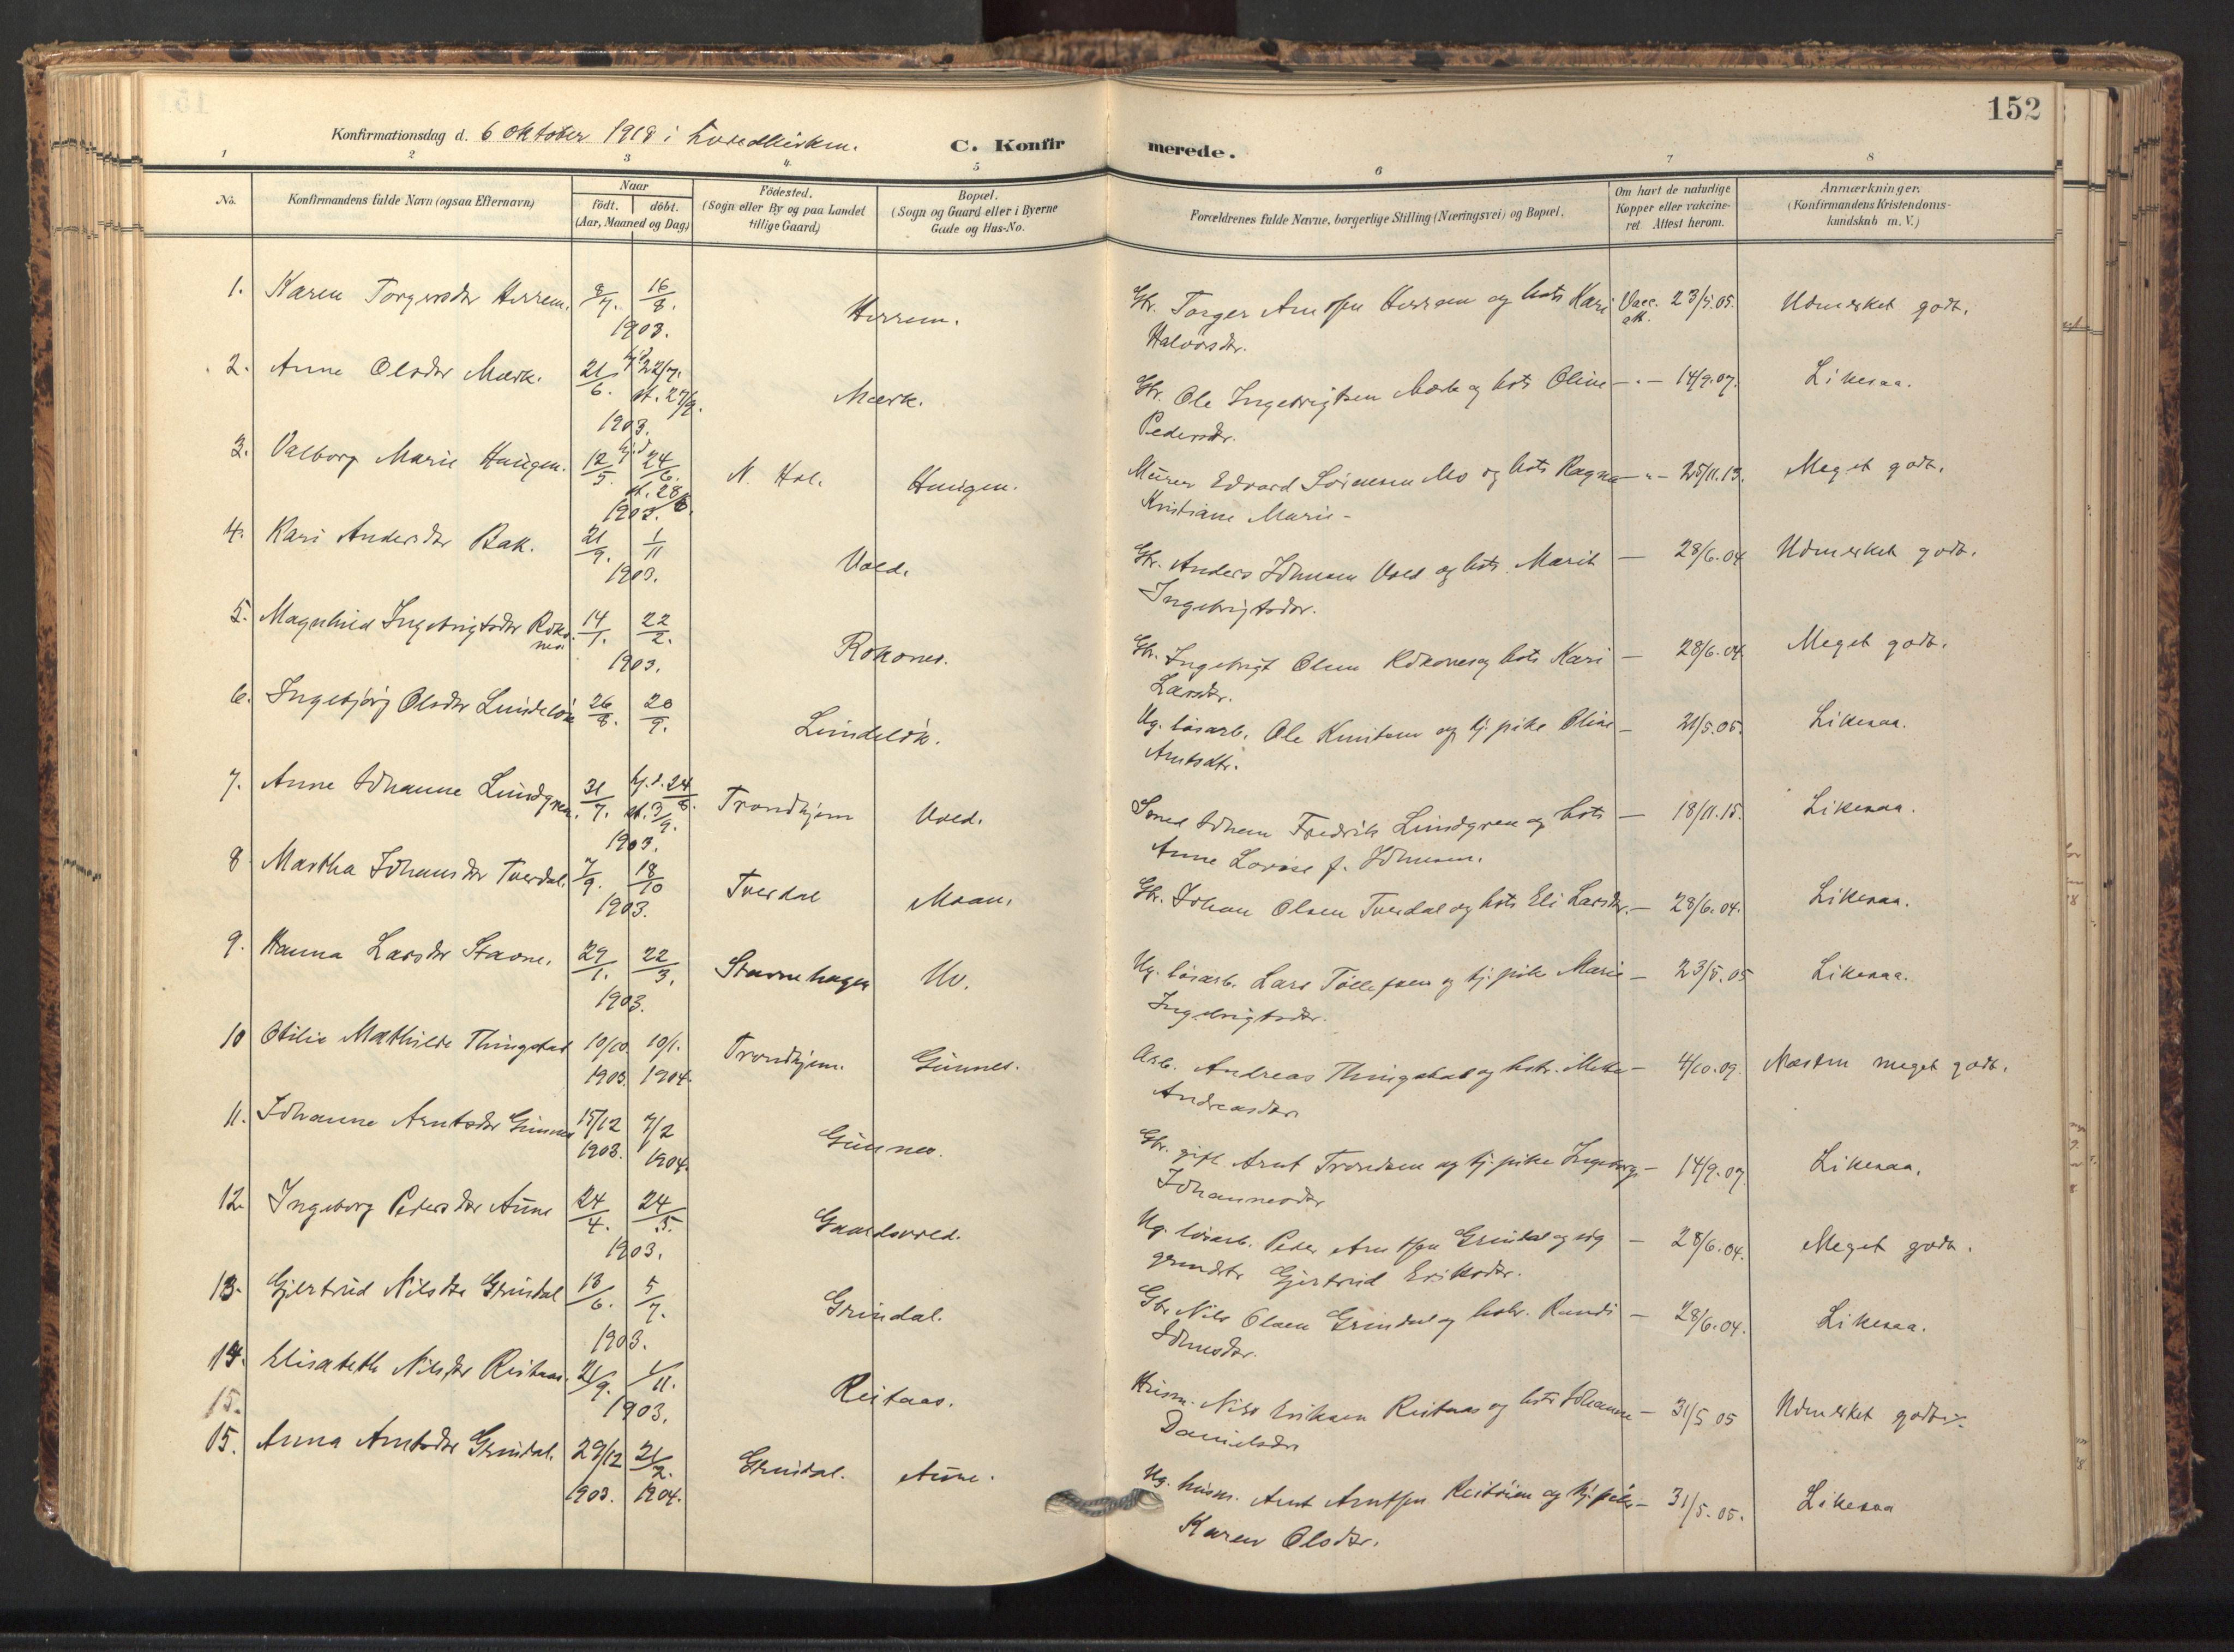 SAT, Ministerialprotokoller, klokkerbøker og fødselsregistre - Sør-Trøndelag, 674/L0873: Ministerialbok nr. 674A05, 1908-1923, s. 152